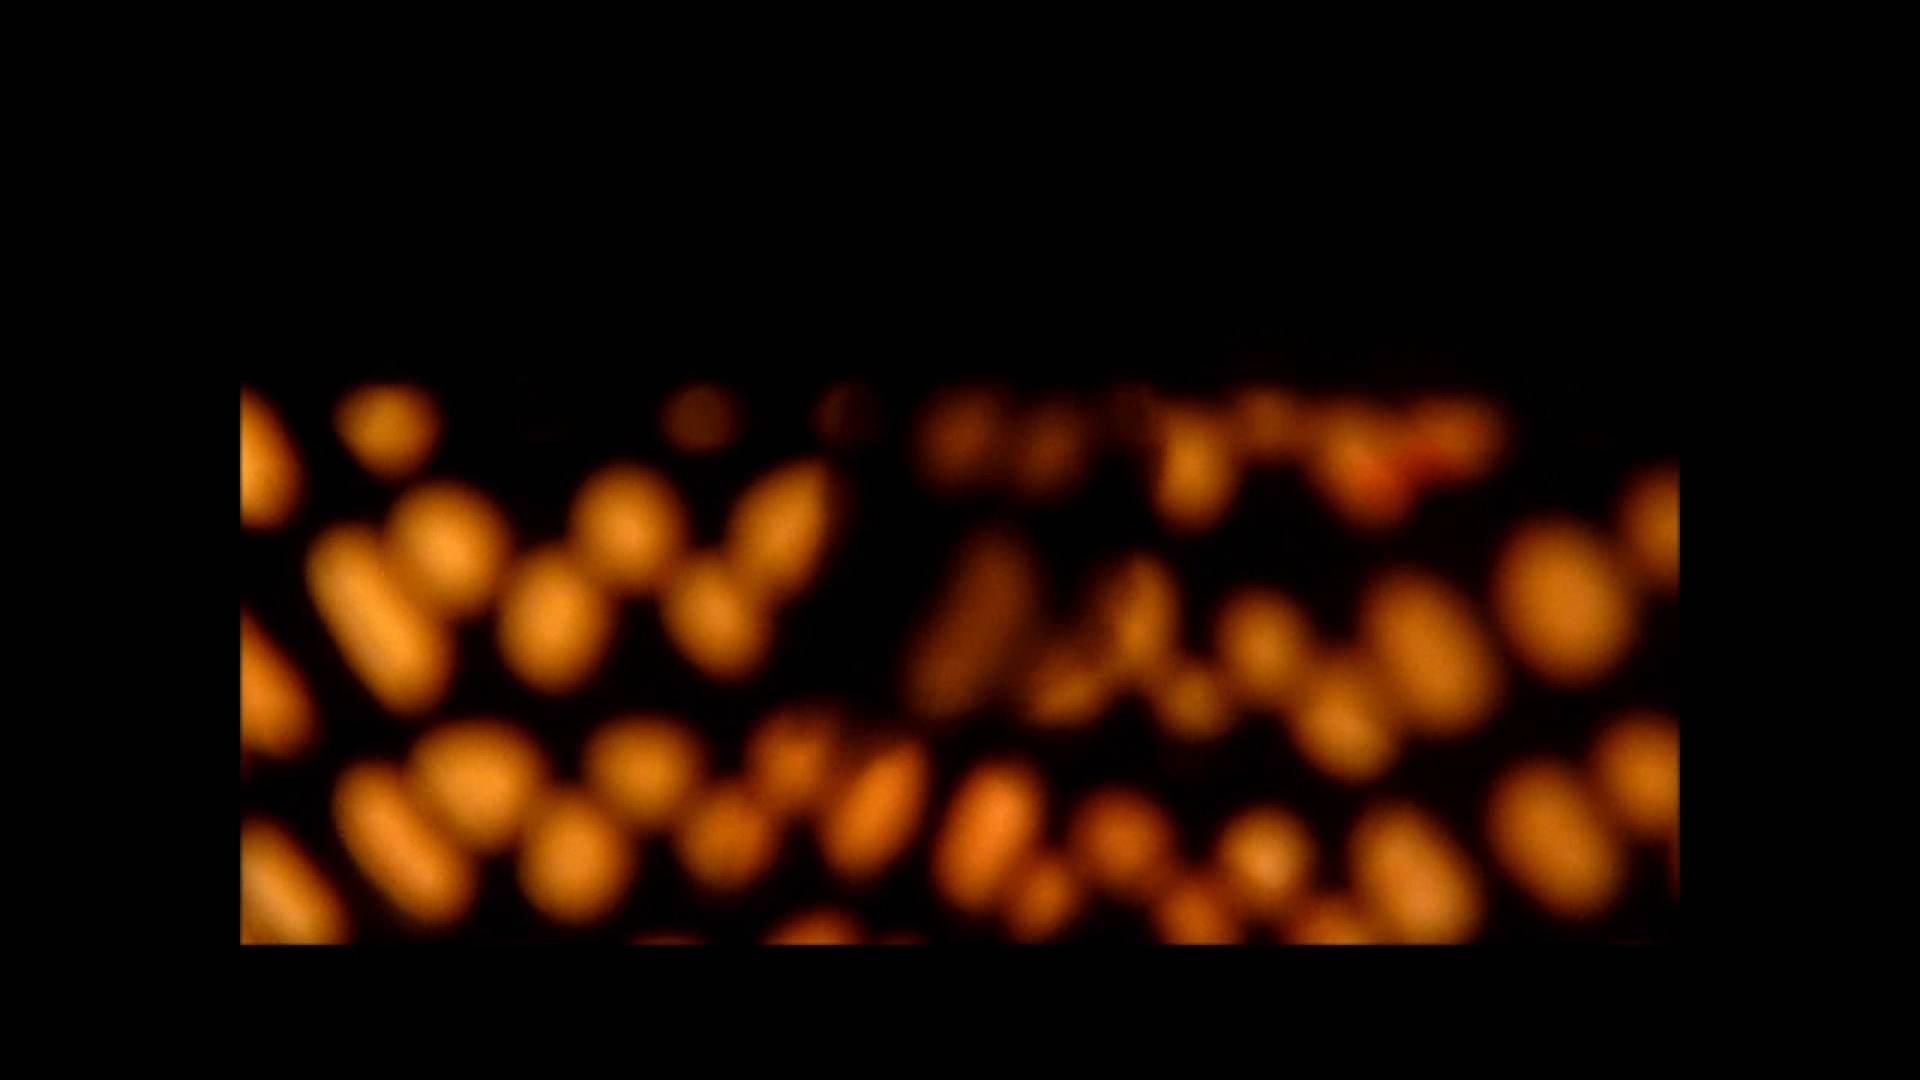 【02】ベランダに侵入して張り込みを始めて・・・やっと結果が出ました。 現役ギャル セックス無修正動画無料 79pic 42